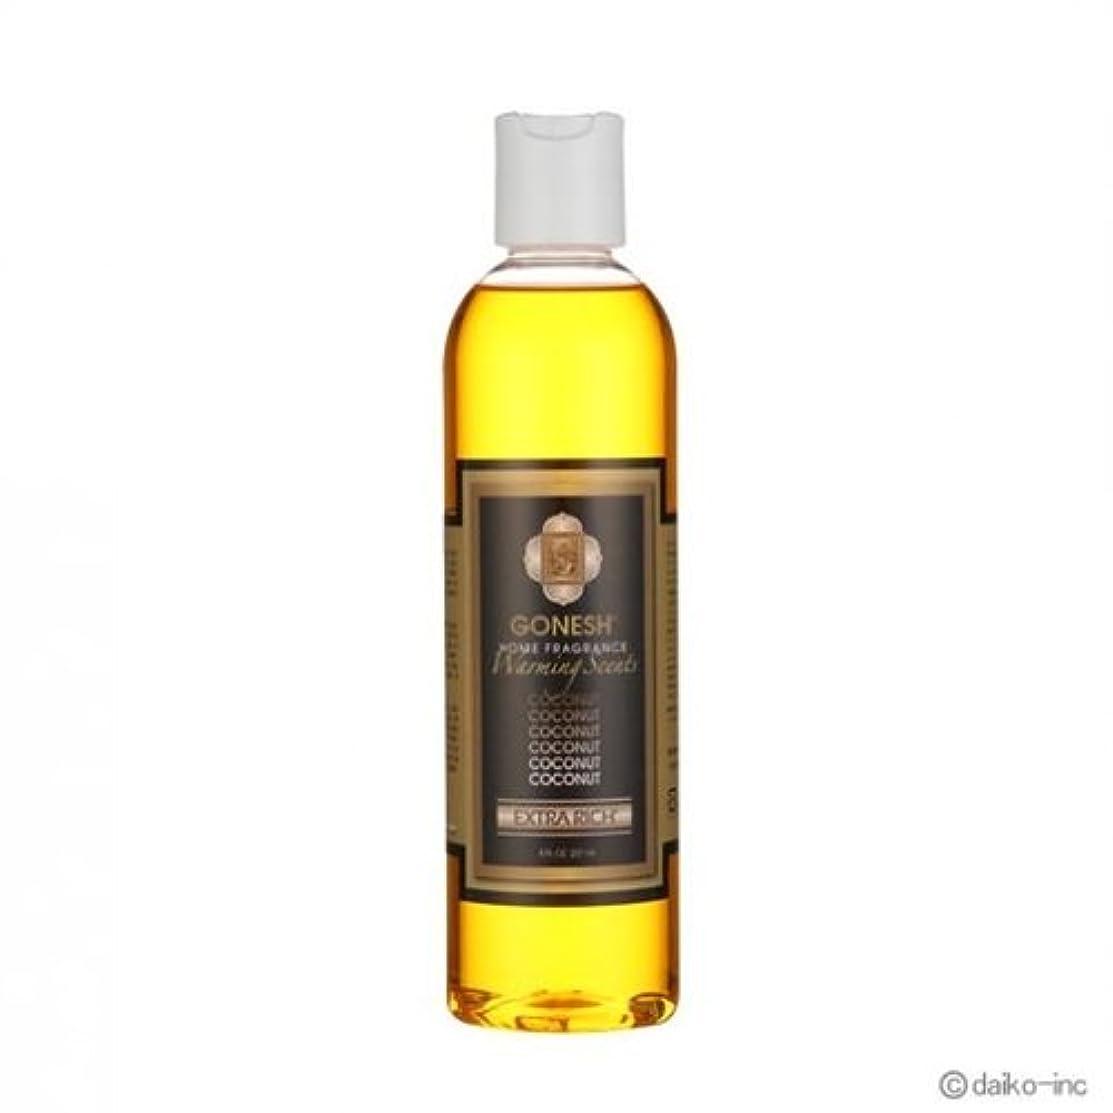 咲く筋肉の銛ガーネッシュ GONESH エクストラリッチ COCONUT ウォーミングセント 日本国内正規品